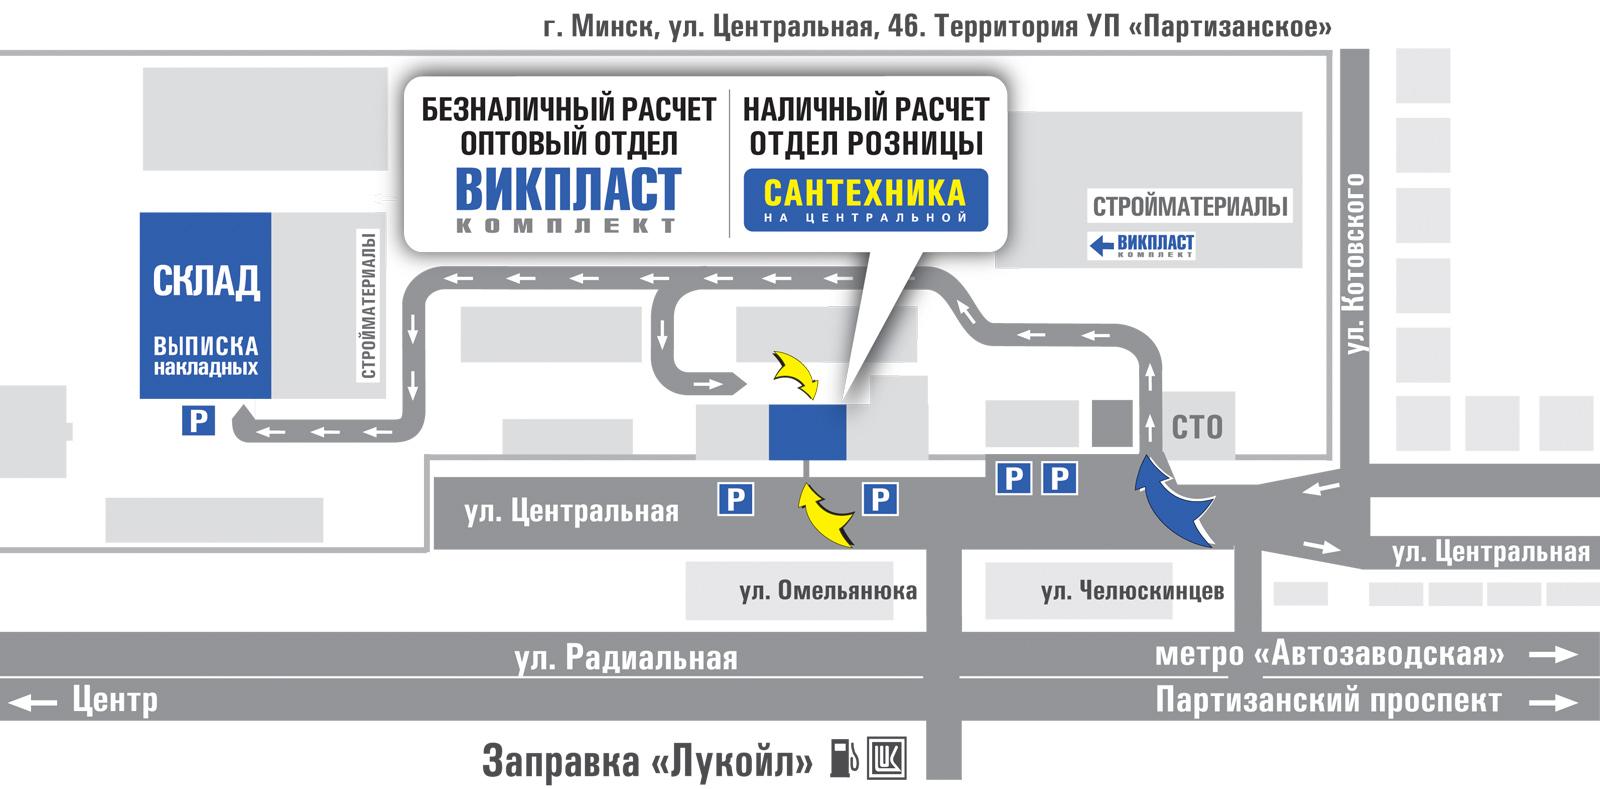 Магазины сантехники в Минске адреса Минск, Центральная 46